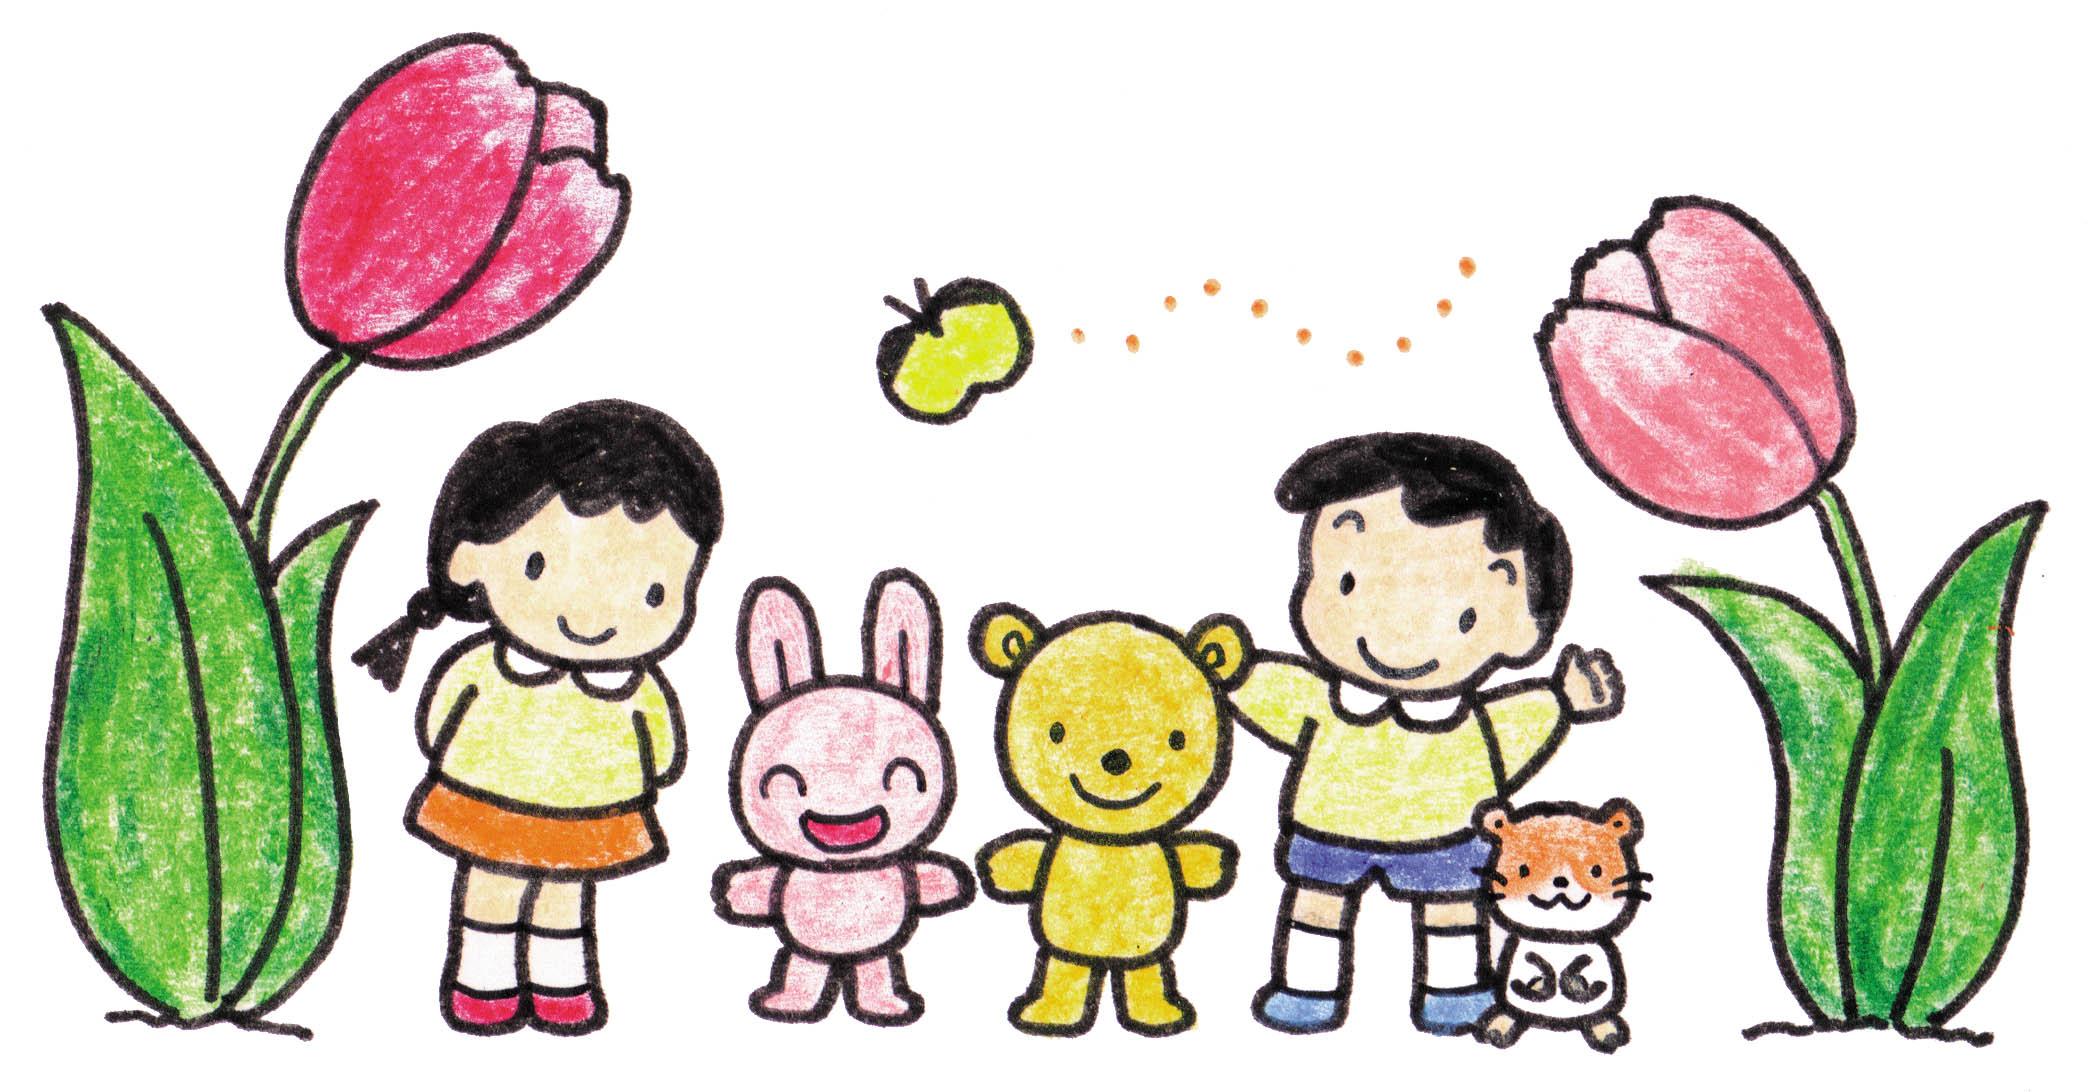 温馨提示:幼儿园会